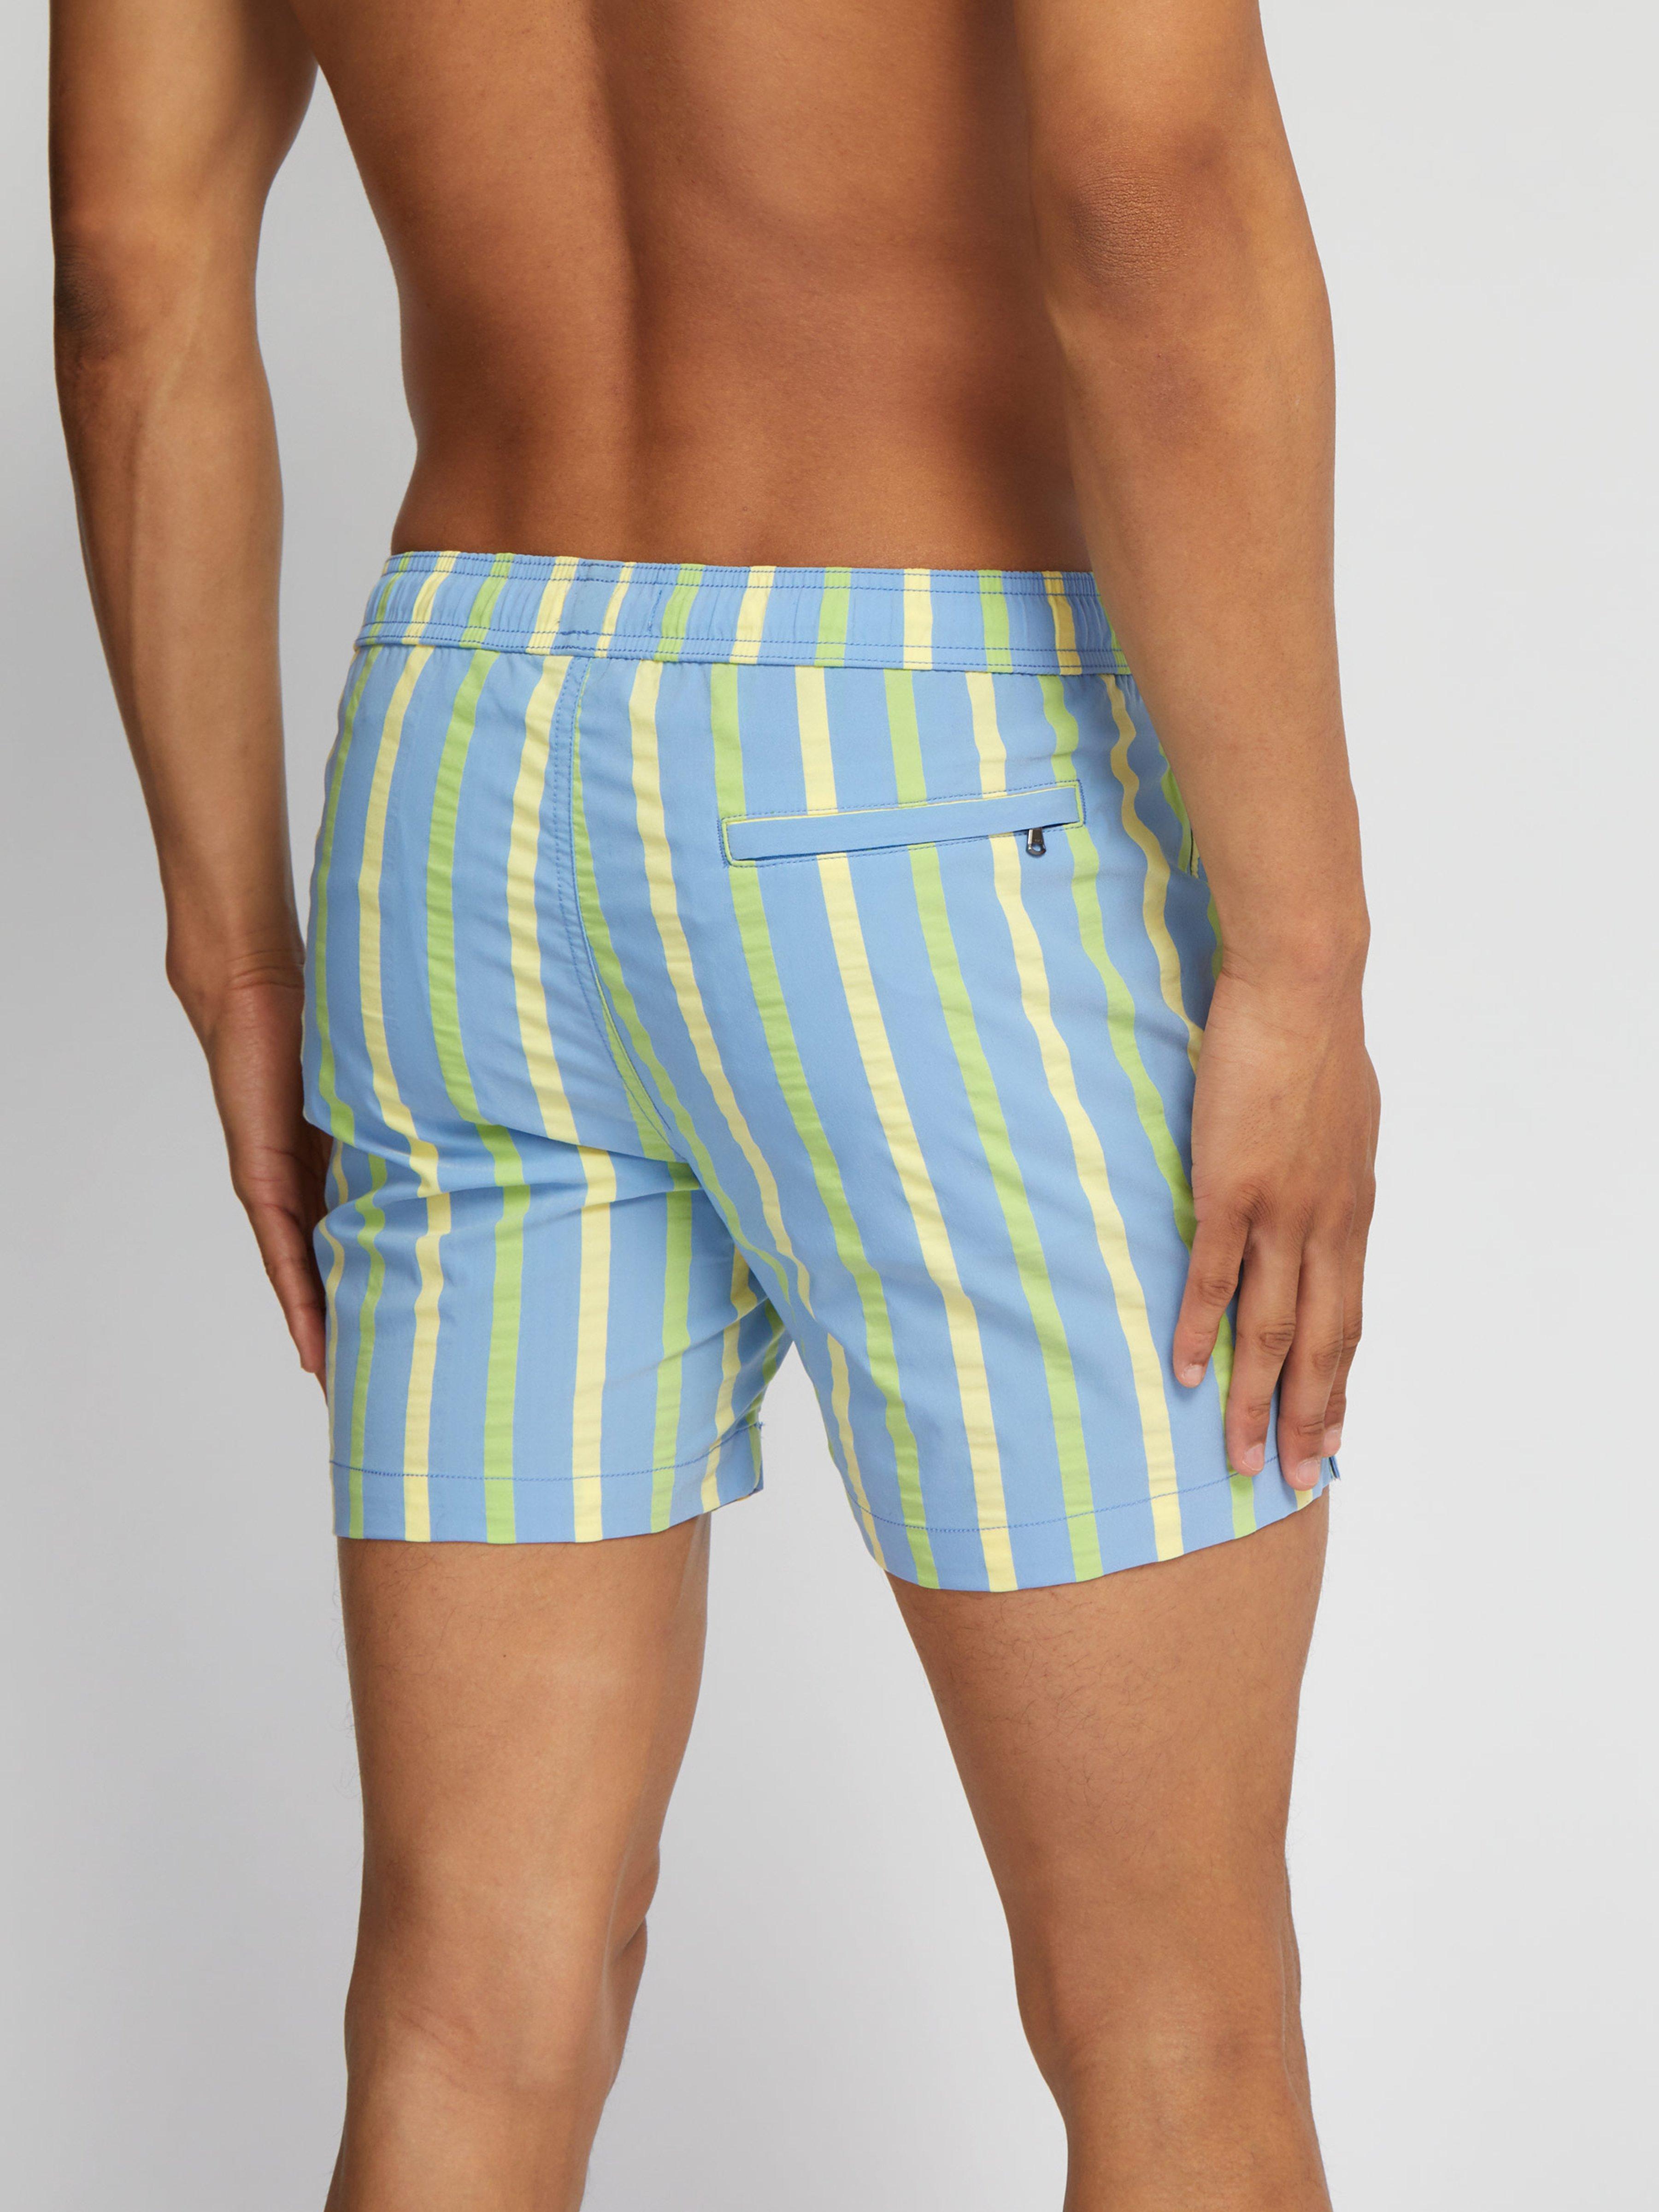 16066625b2170 Onia - Blue Charles 5 Striped Swim Trunks for Men - Lyst. View fullscreen